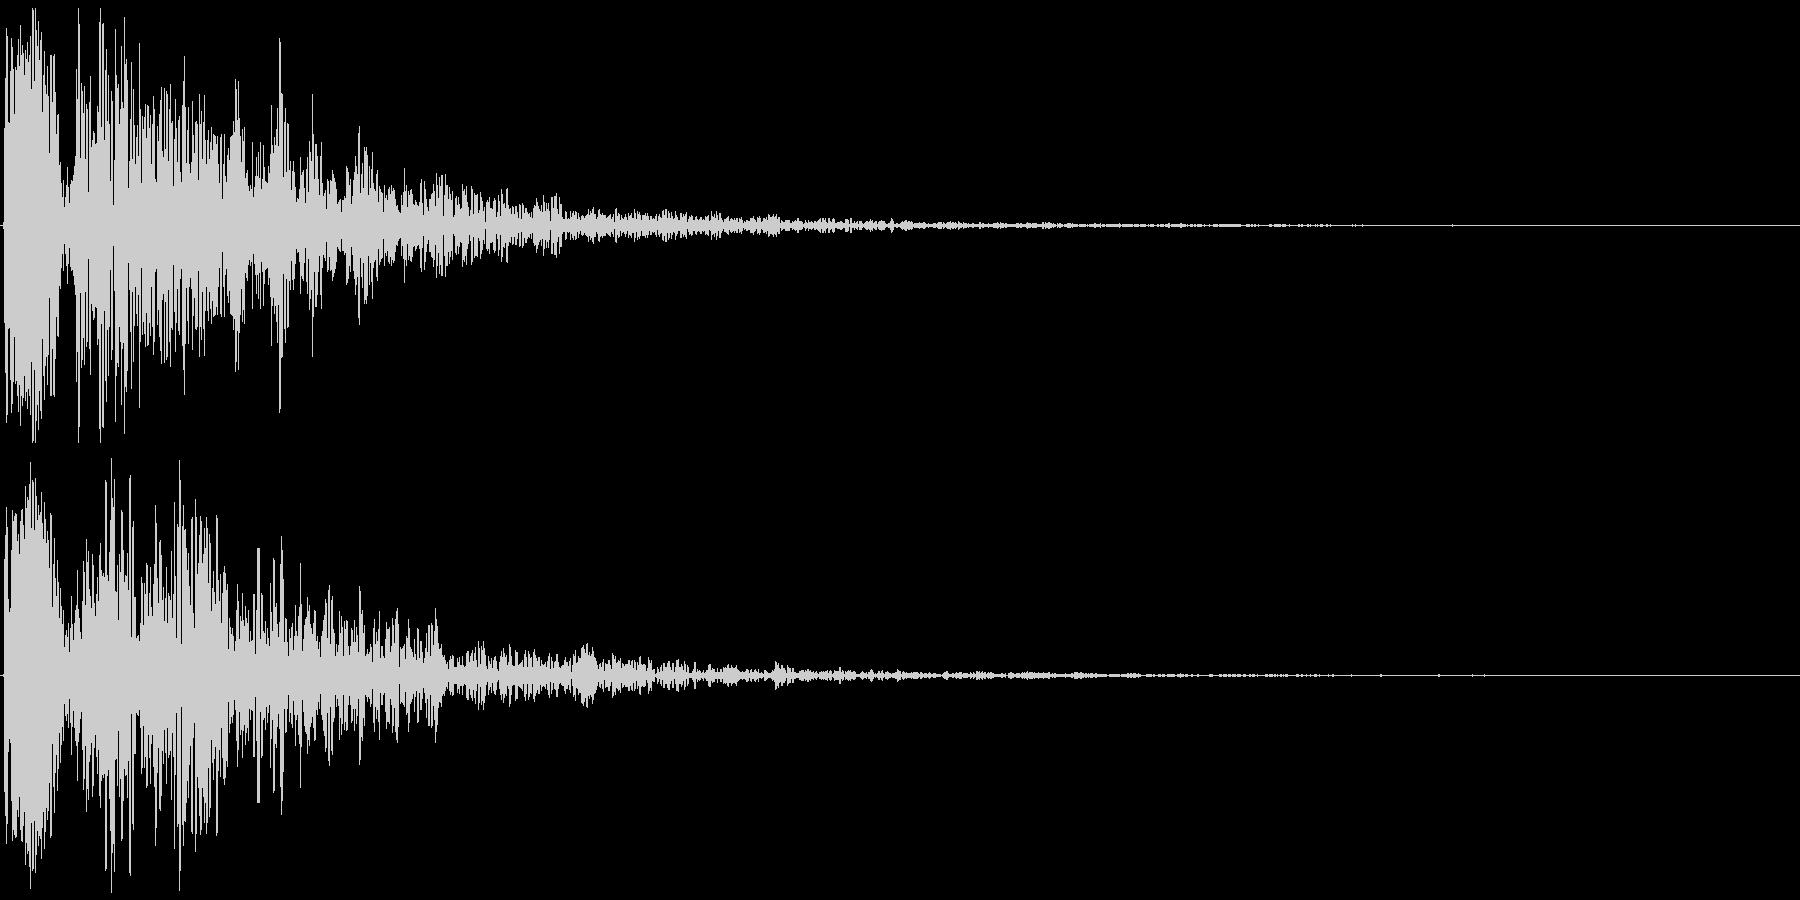 ドゥーン 映画の予告など(インパクト音)の未再生の波形